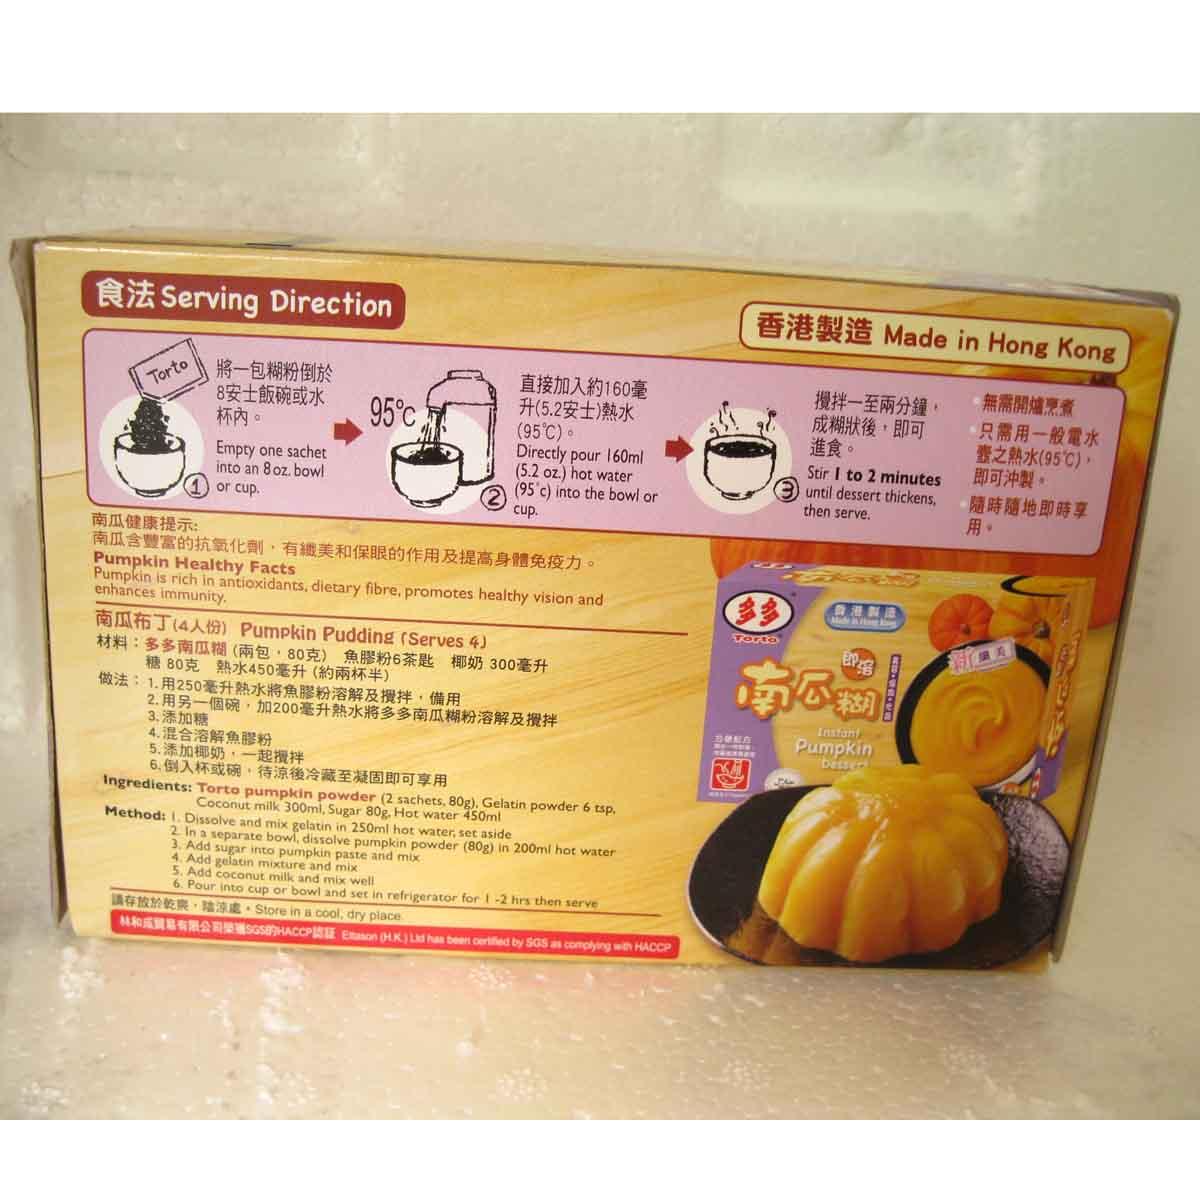 Сделано в Гонконге карт, которые растворимы тыквы добавьте 160 г